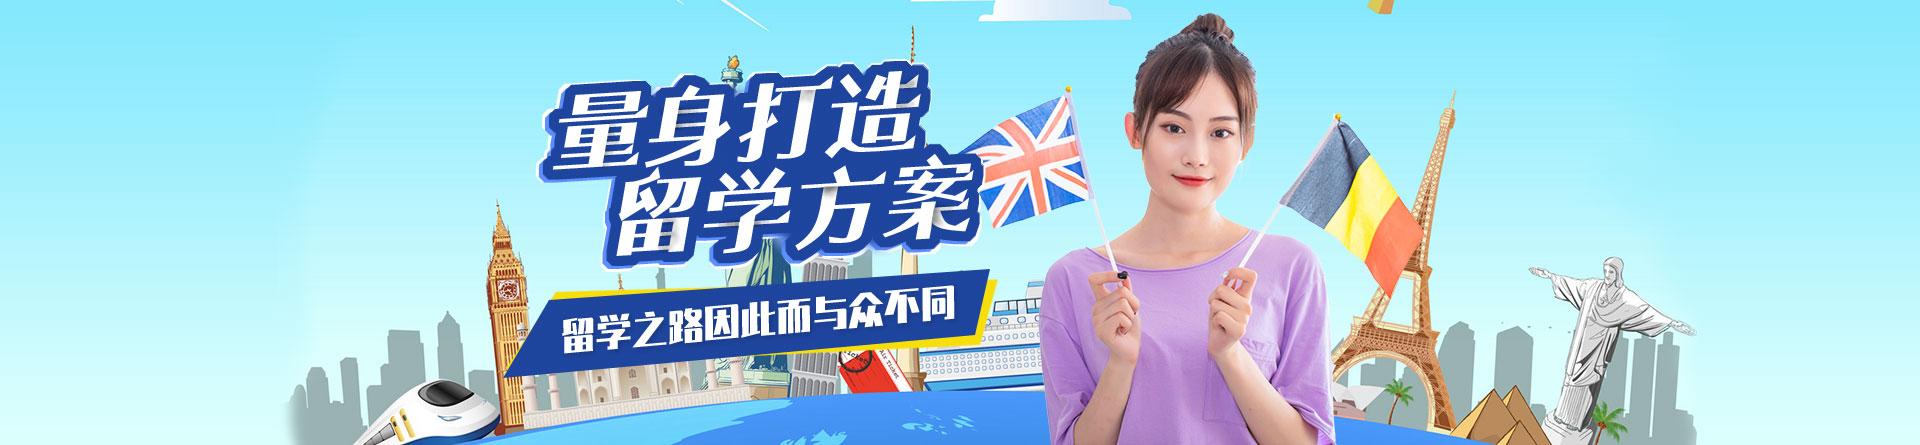 河南郑州飞洋留学机构